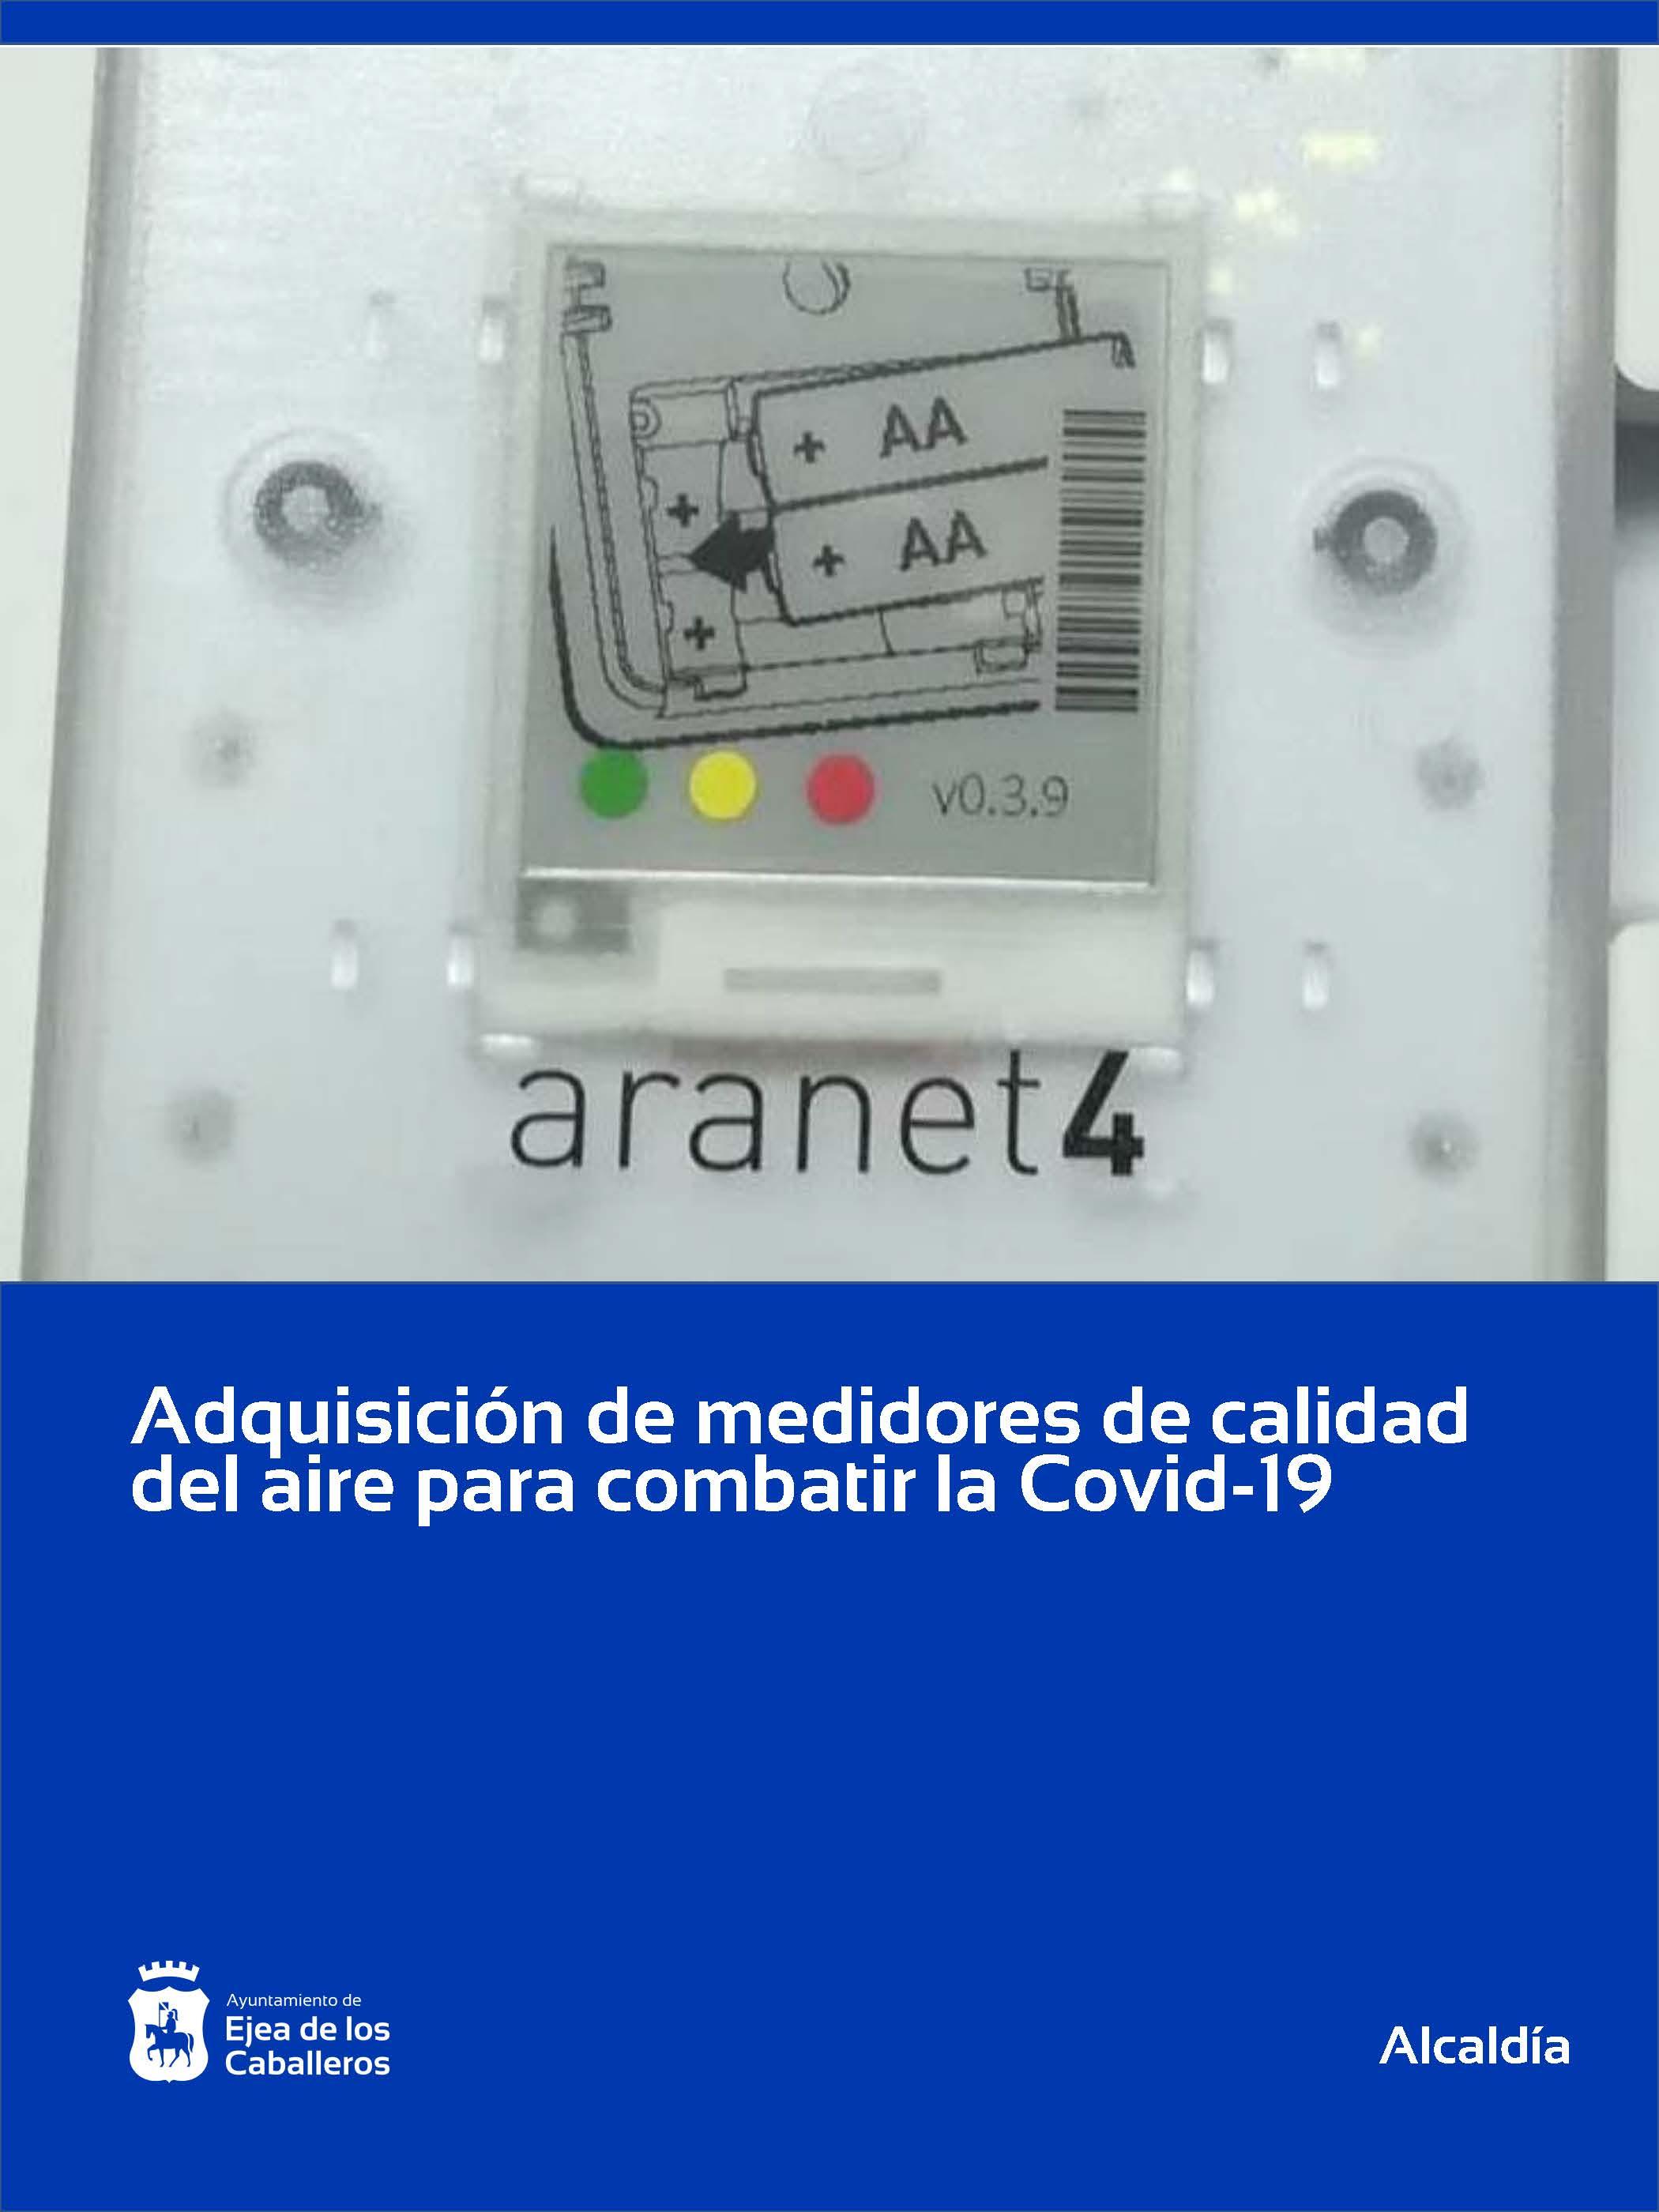 Instalación de medidores de calidad del aire en edificios municipales